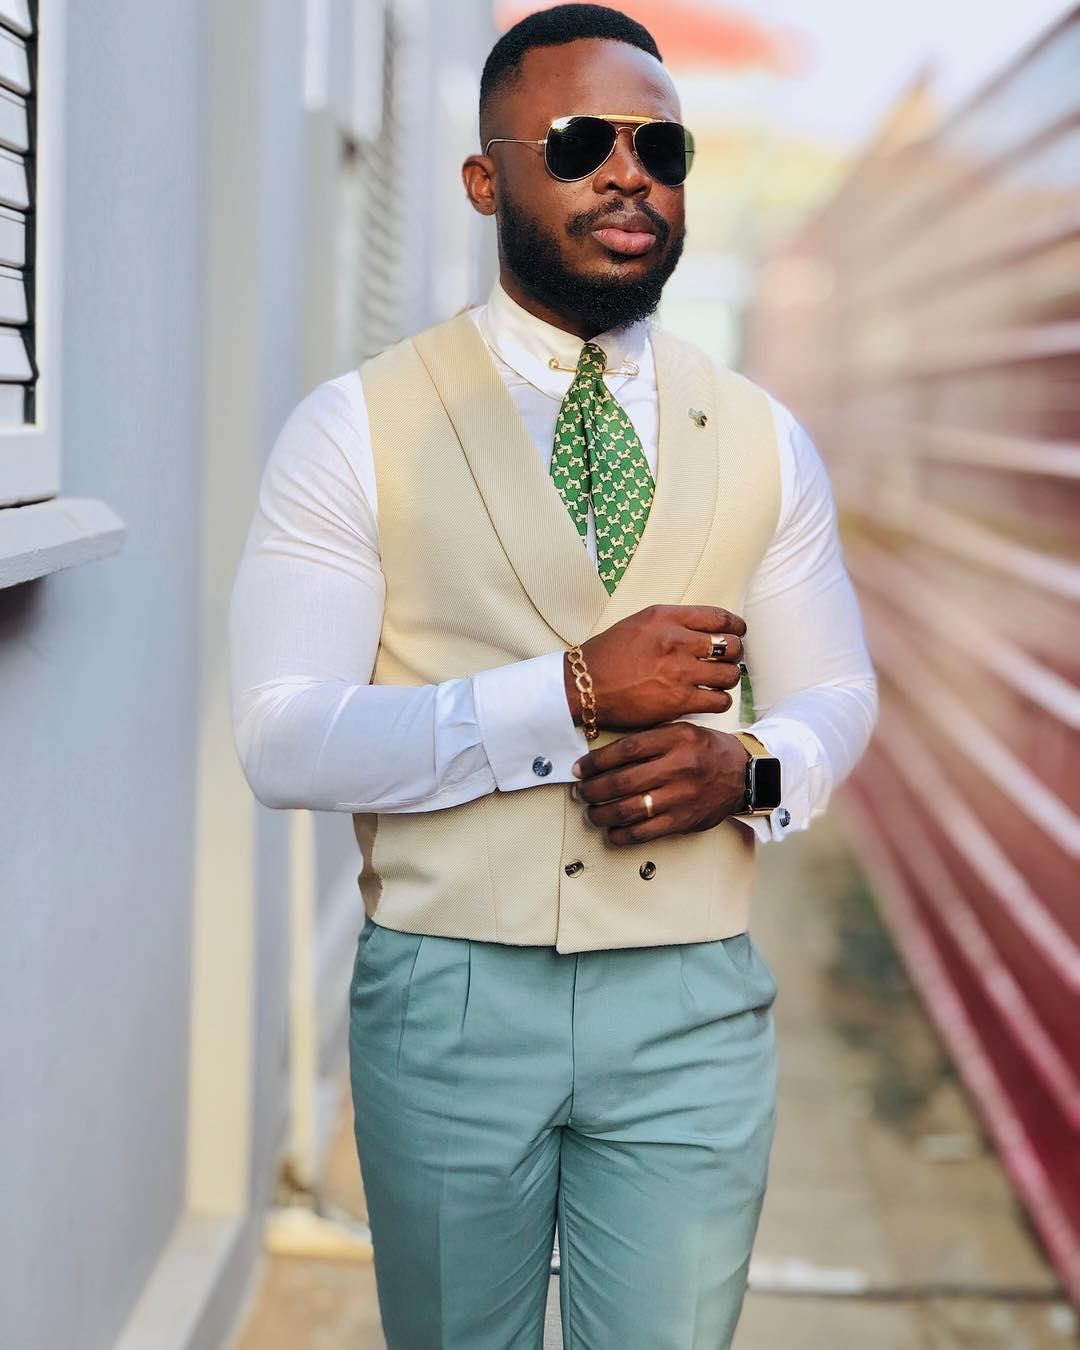 Nilson Lourenço - Se tirássemos os acessórios e talvez a gravata ele iria brilhar na mesma, pois a combinação de cores deste look está no pico da montanha! O alfinete no colarinho da camisa